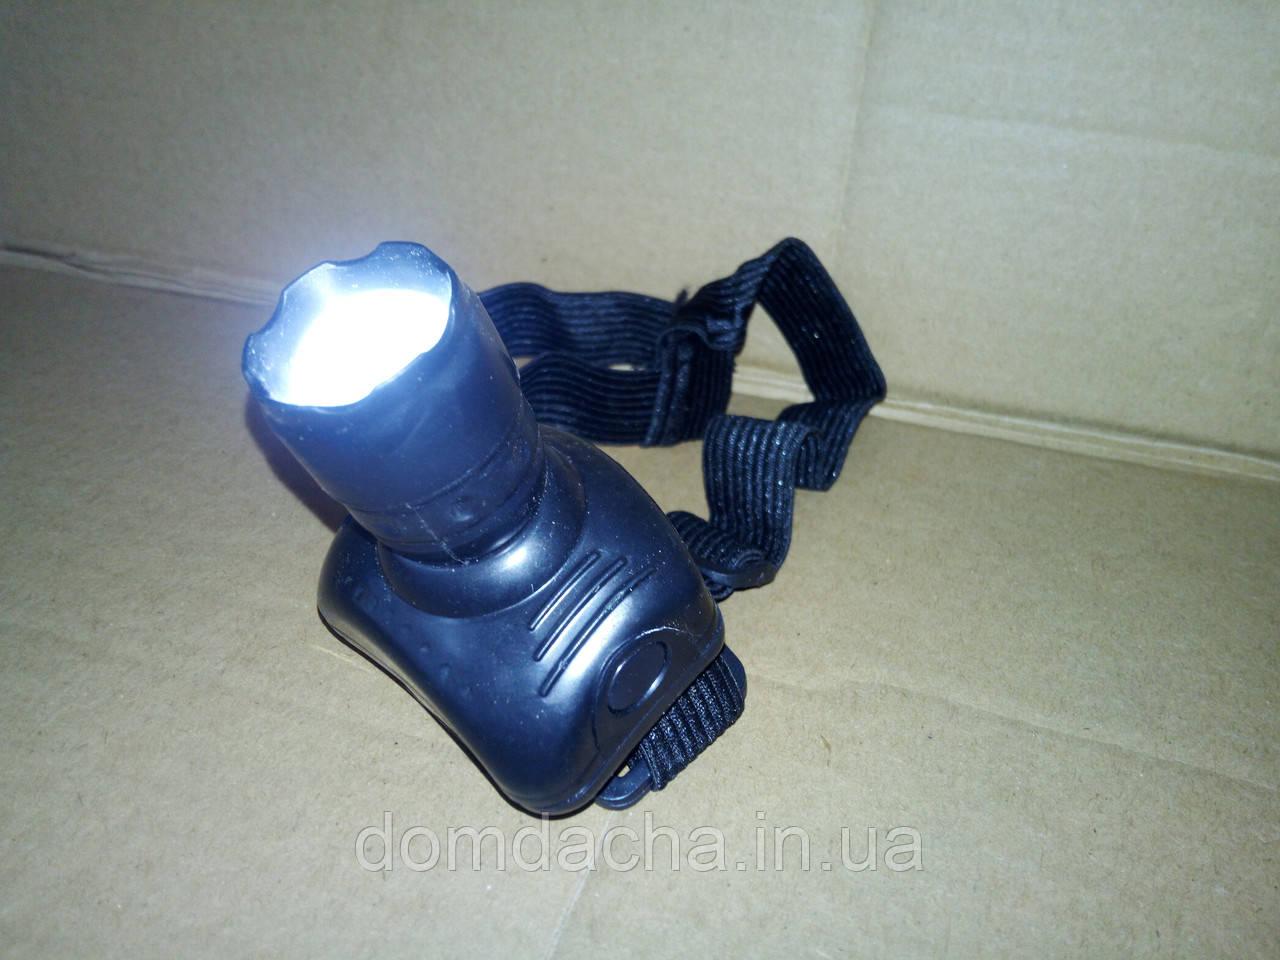 Налобний ліхтар BL-6611 MS